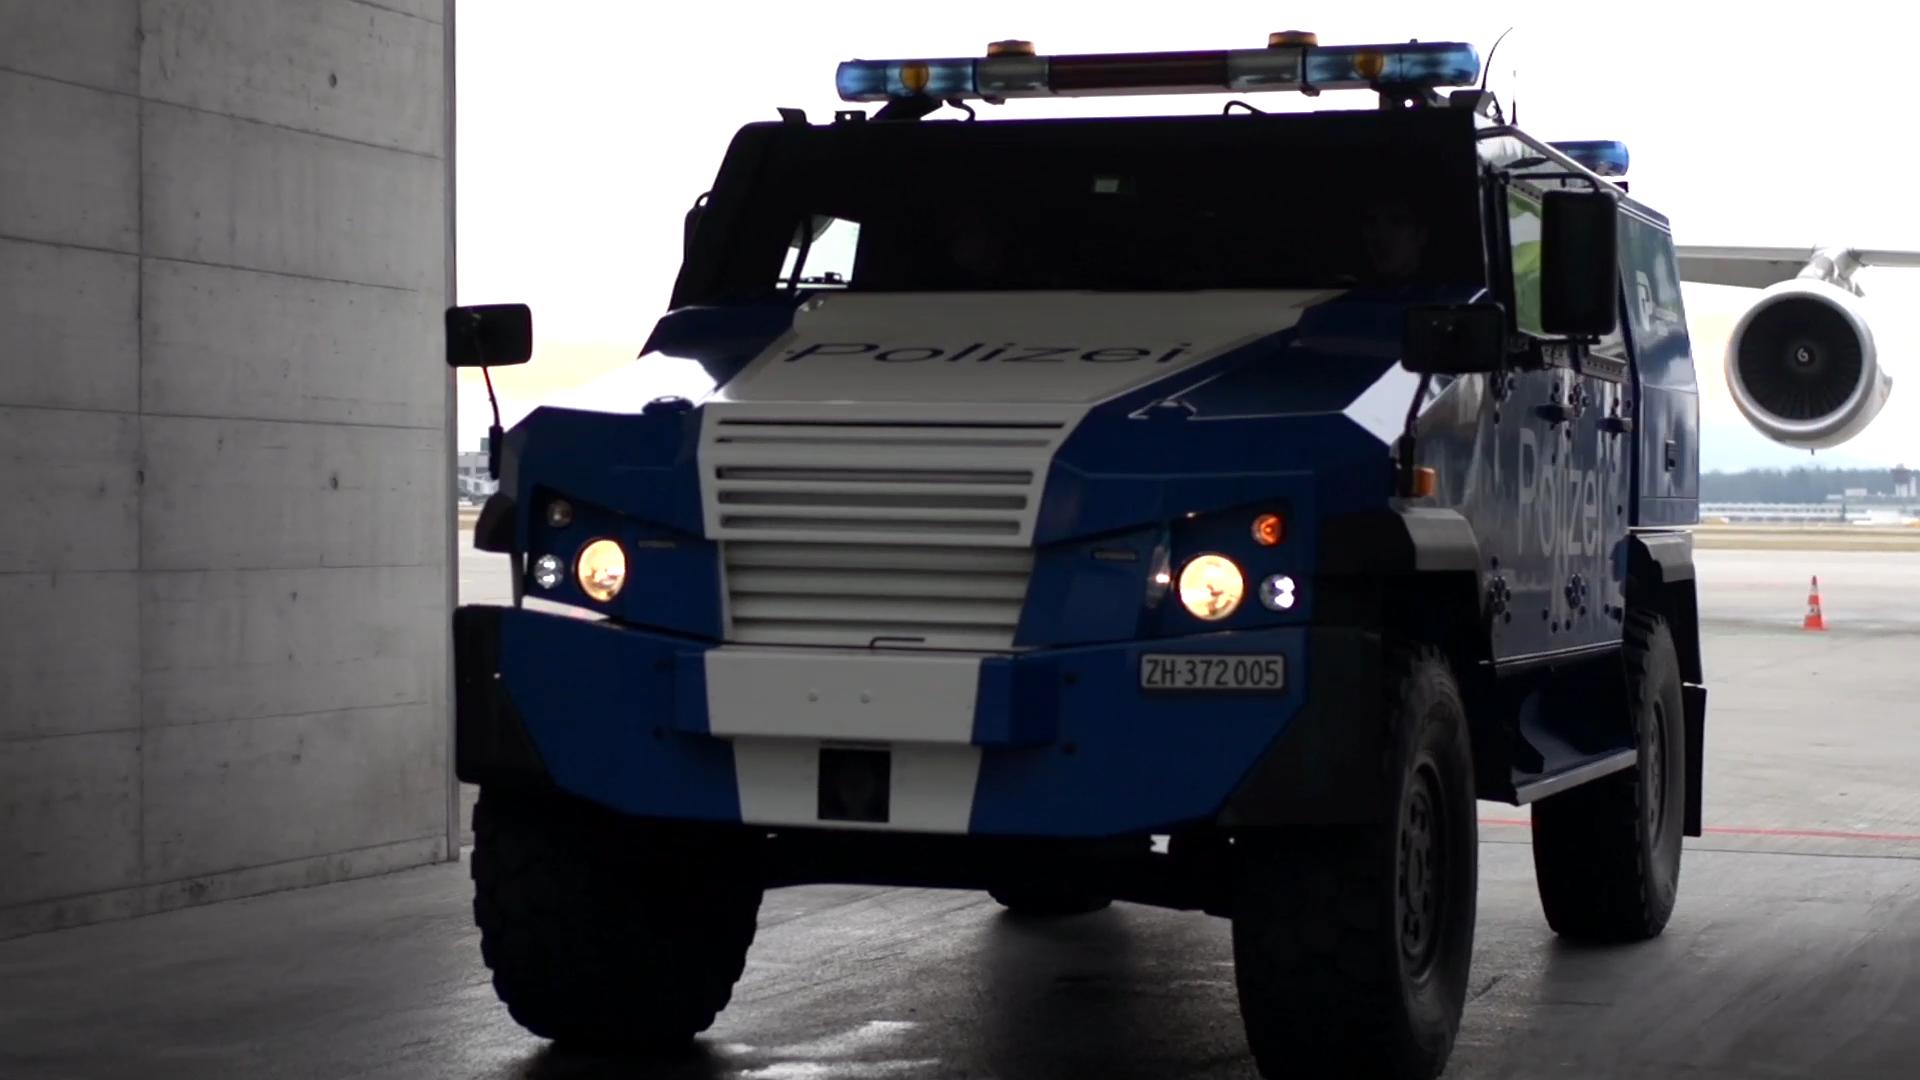 Kantonspolizei Zurich